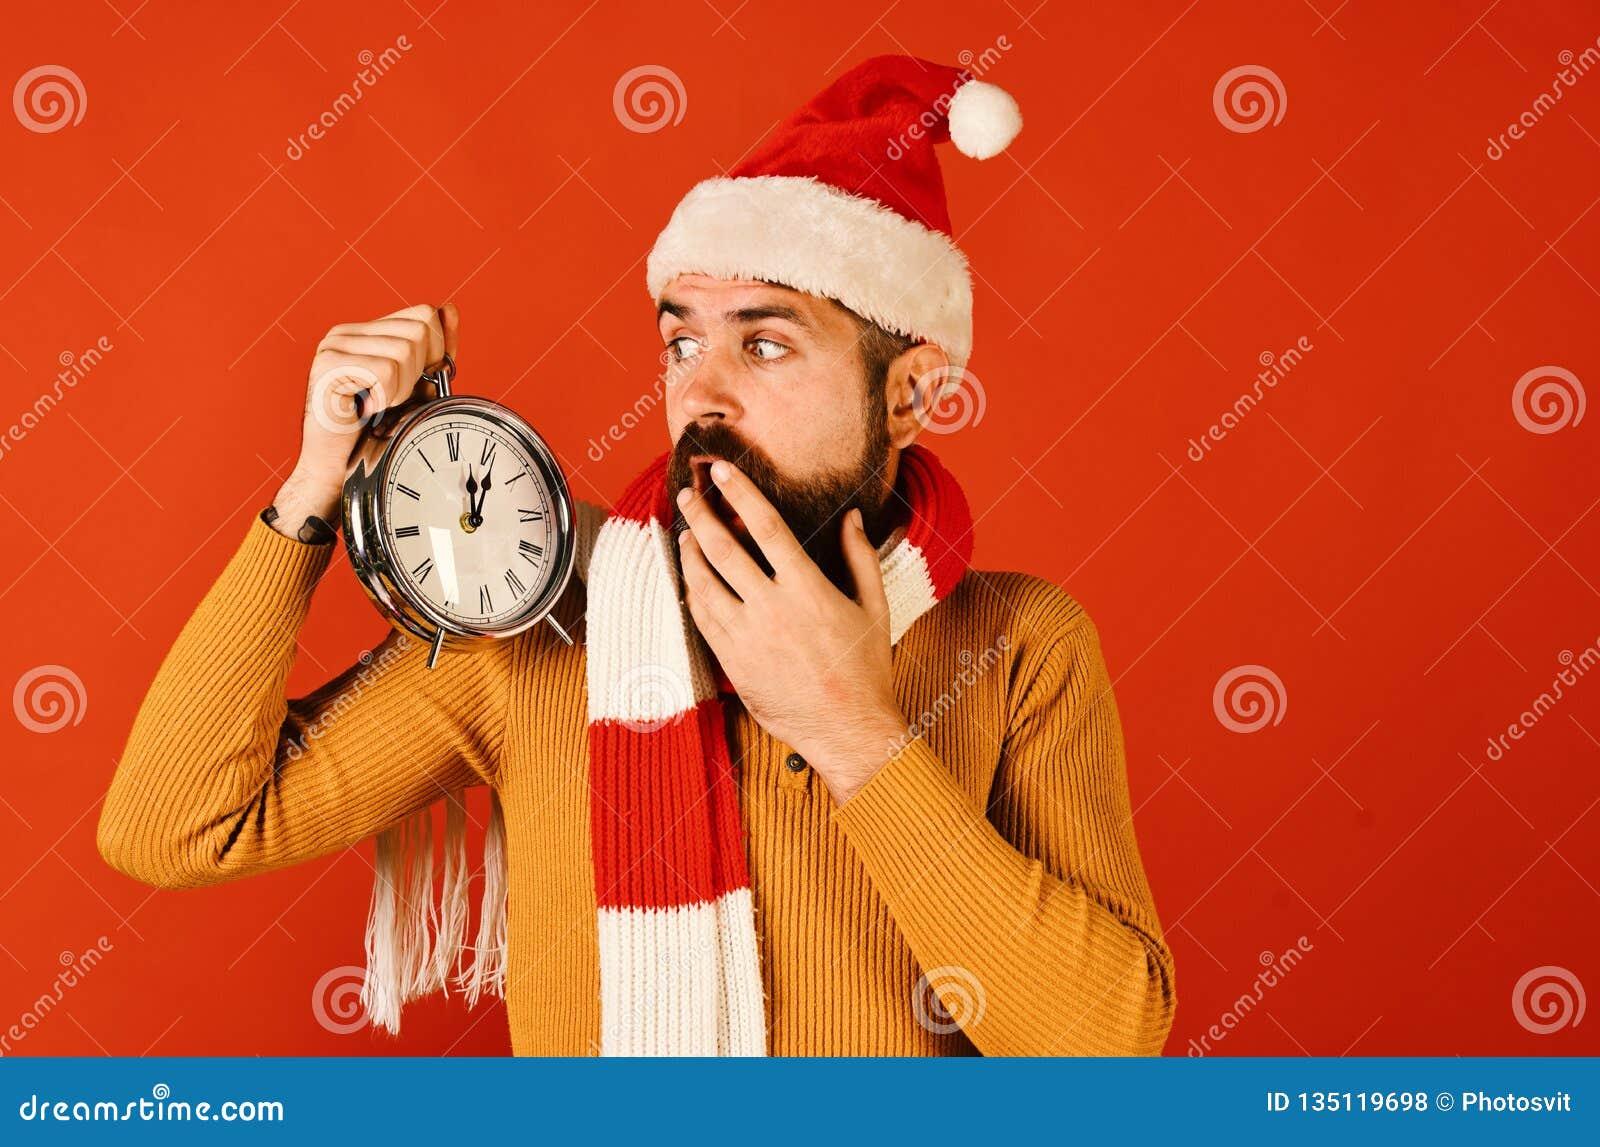 Зимний отдых и концепция комплекса предпусковых операций Санта Клаус ждет полночь